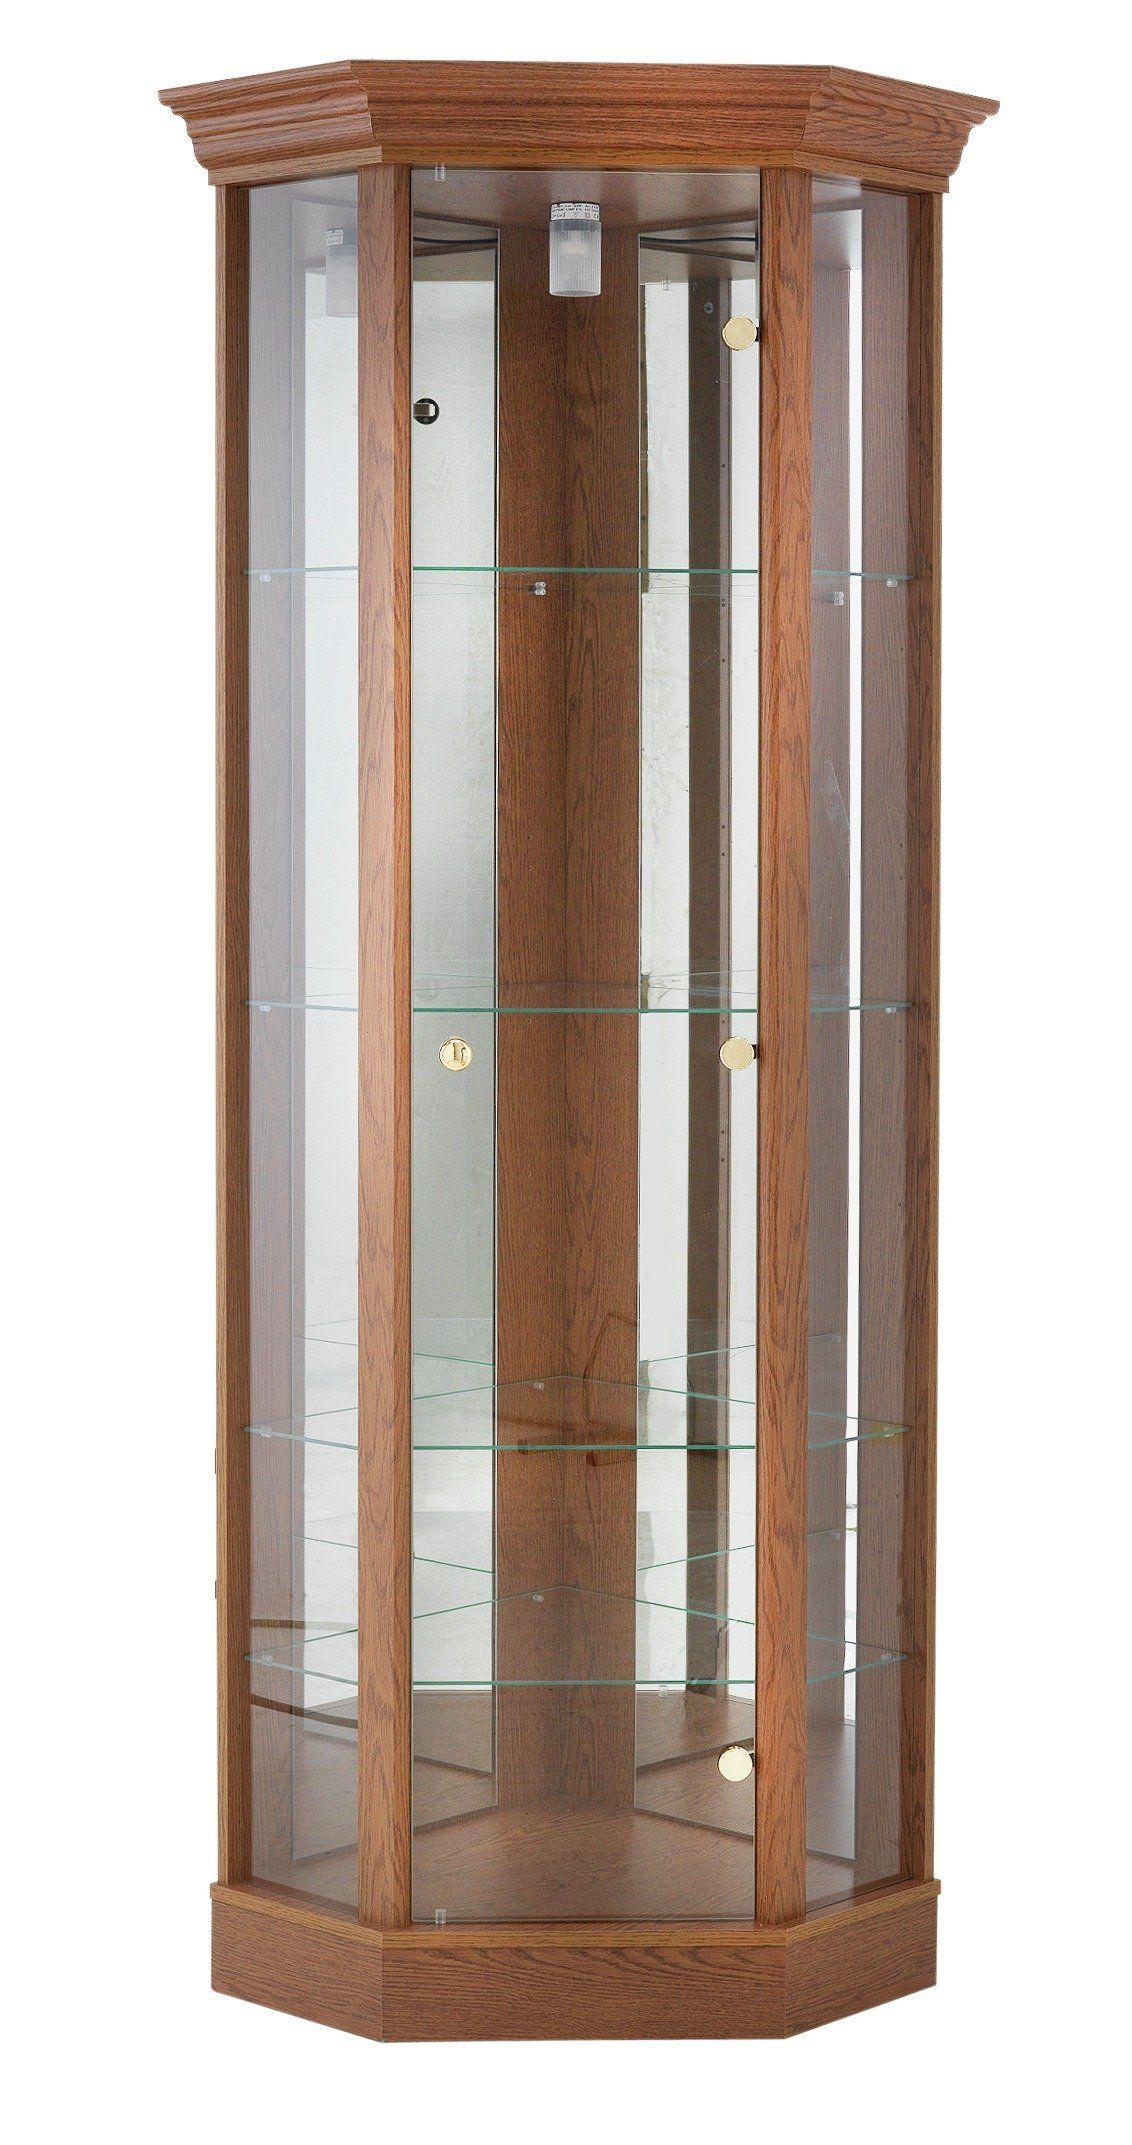 Argos Uk Home Single Door Corner Glass Display Cabinet Dark Oak Eff This Traditional Is Great Argosuk